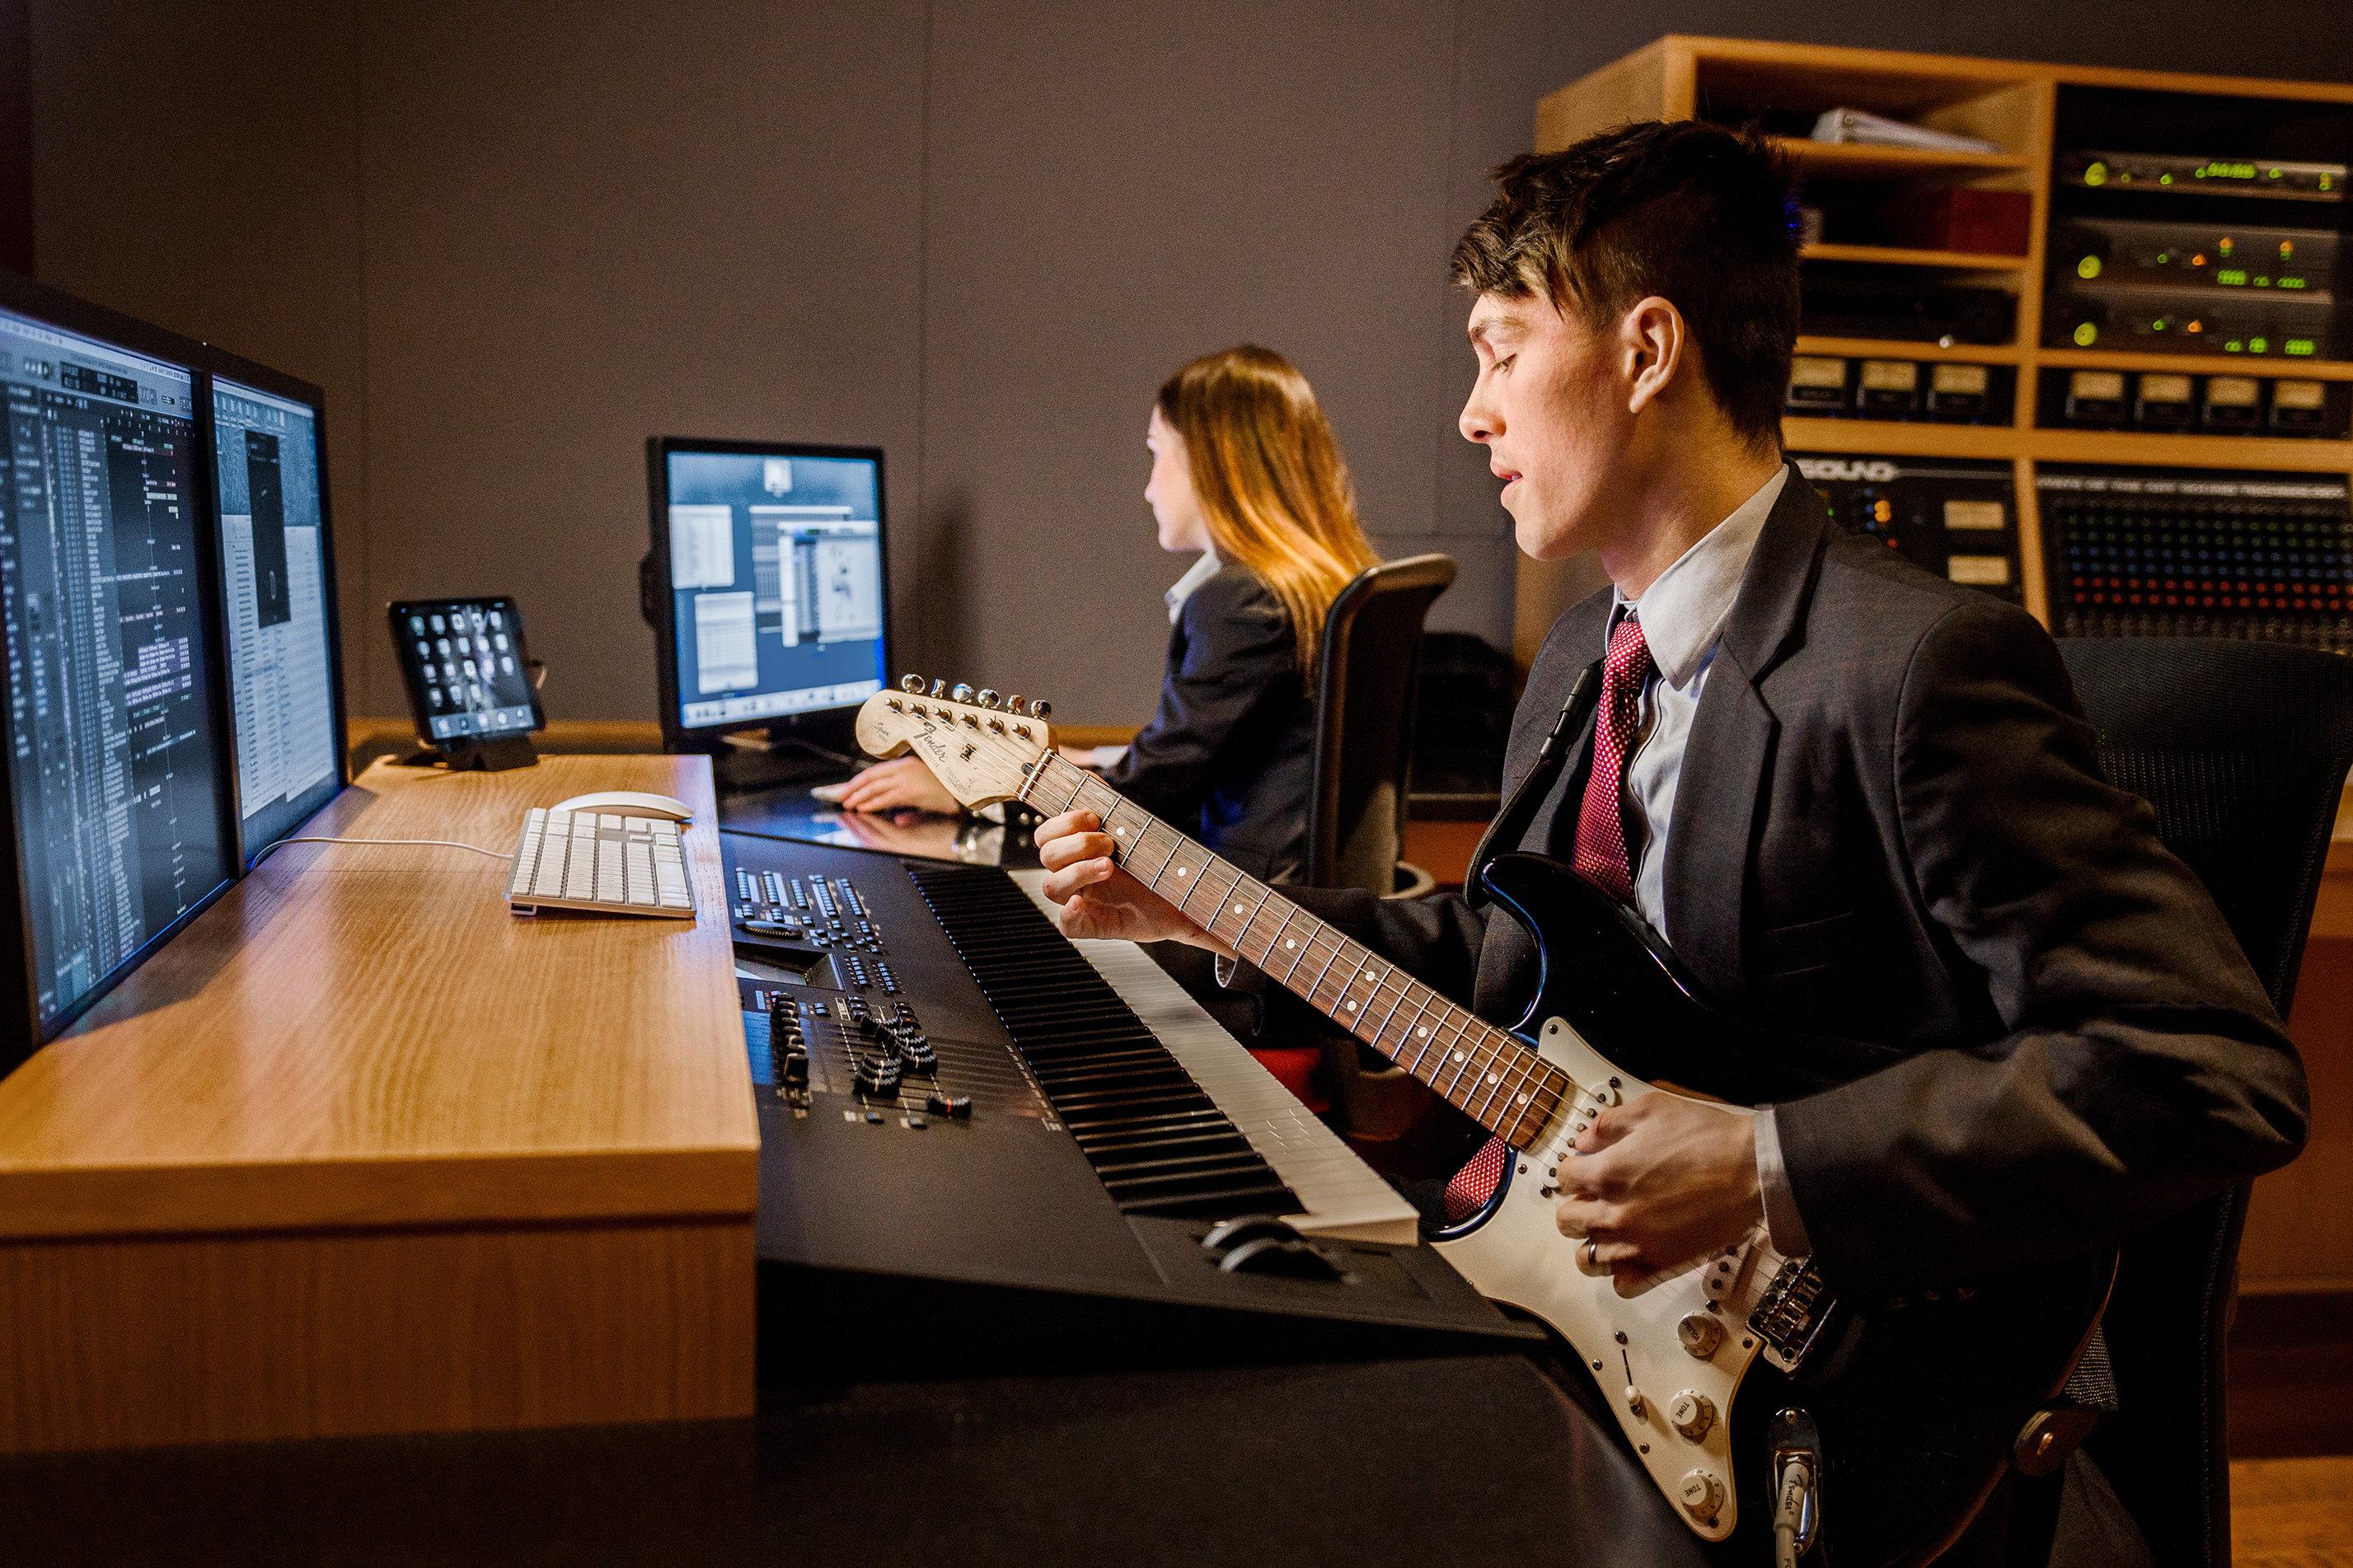 專業音樂人